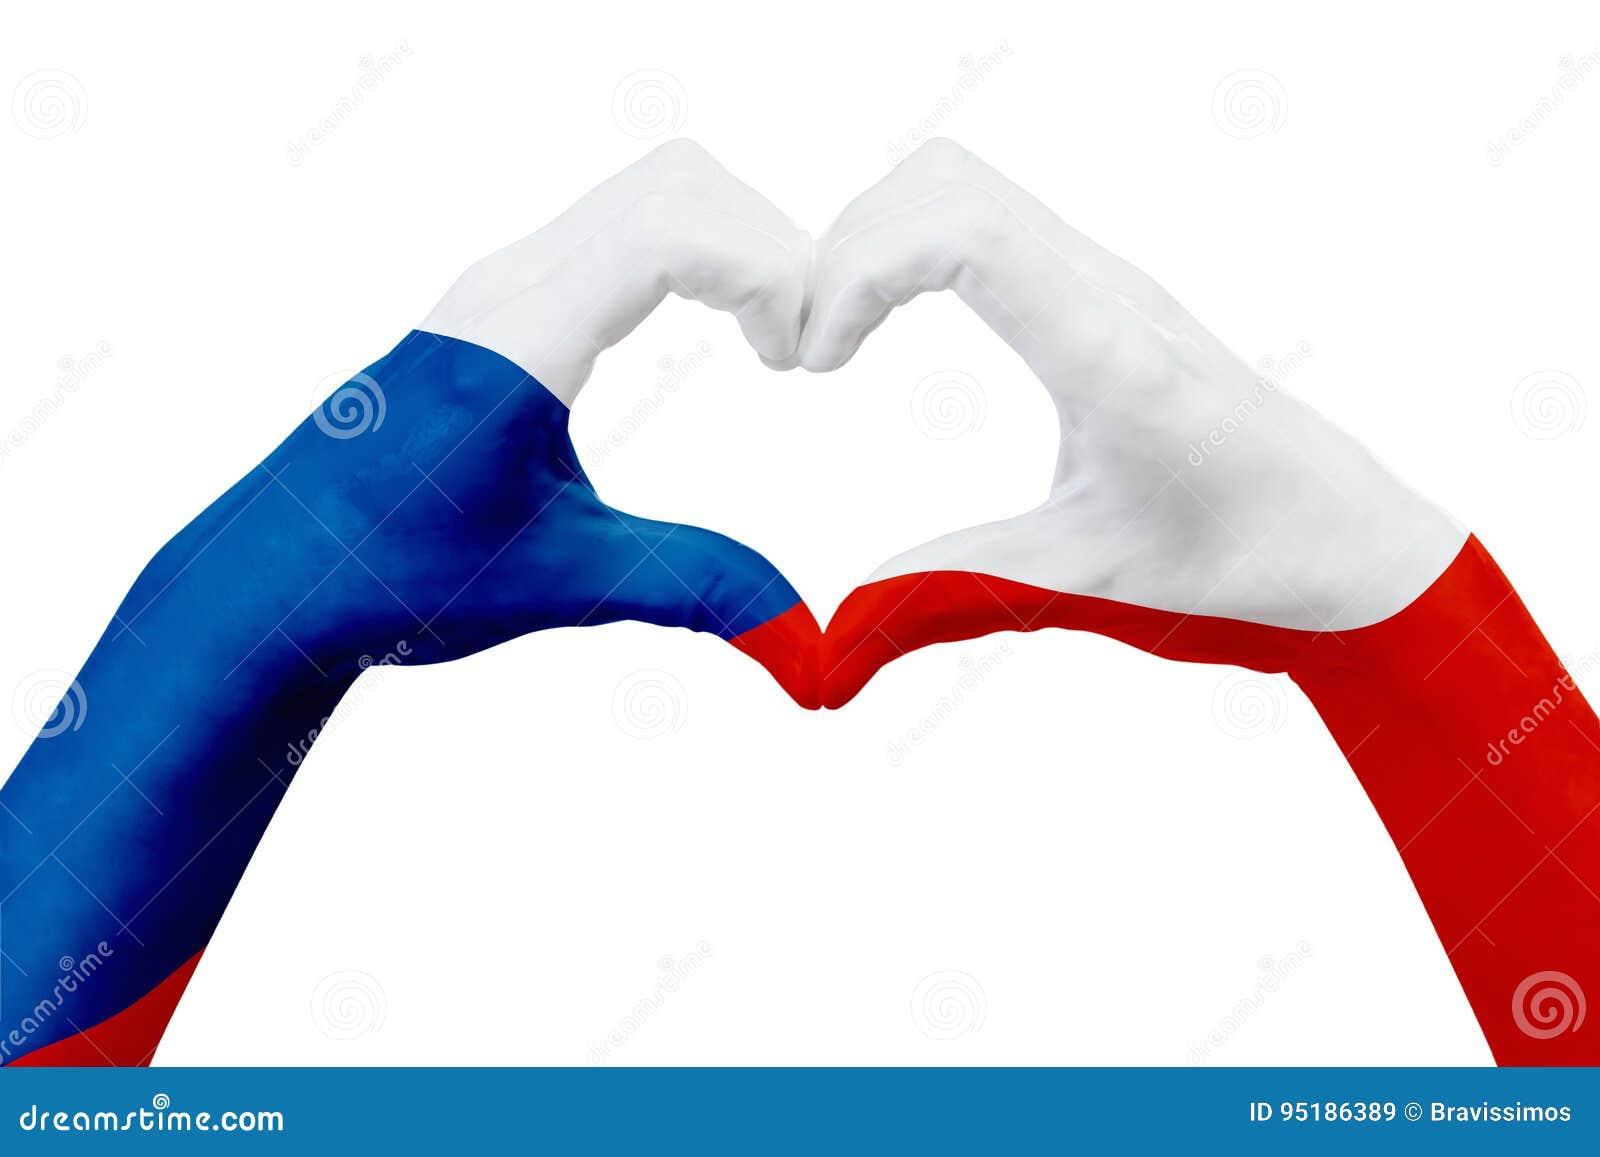 Entrega a bandeira da república checa, dão forma a um coração Conceito do símbolo do país, isolado no branco